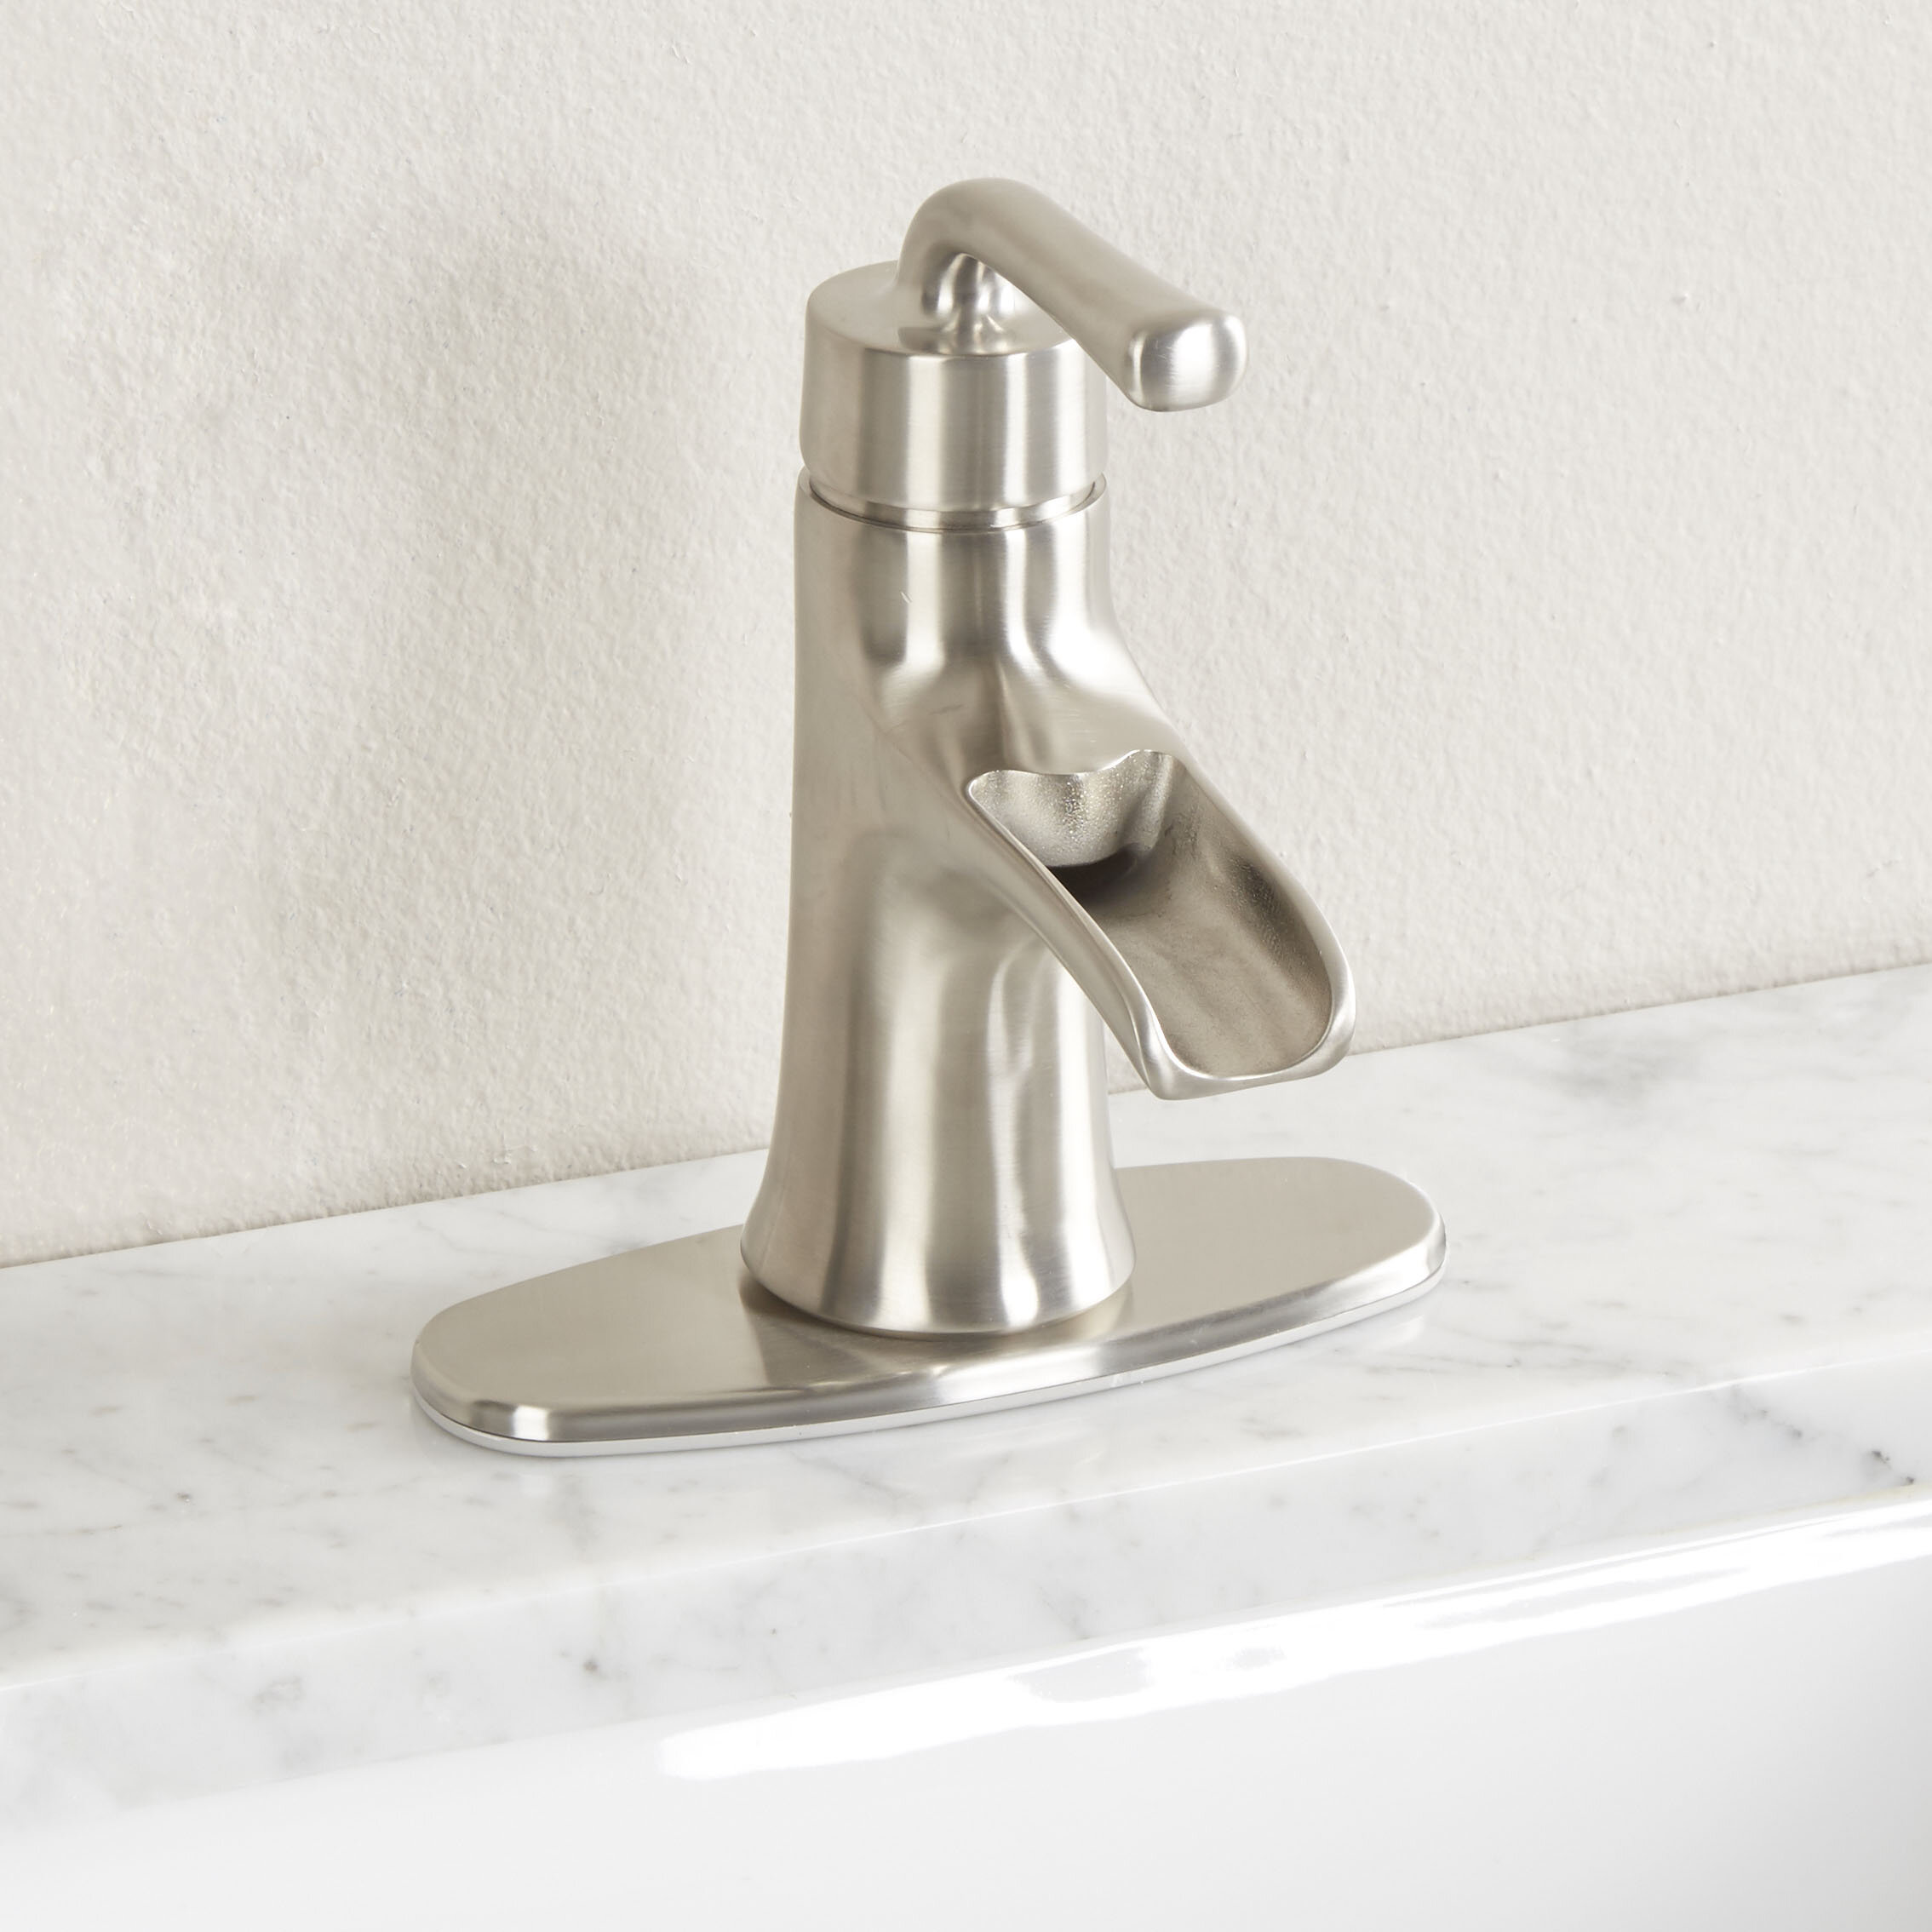 Premier Faucet | Wayfair